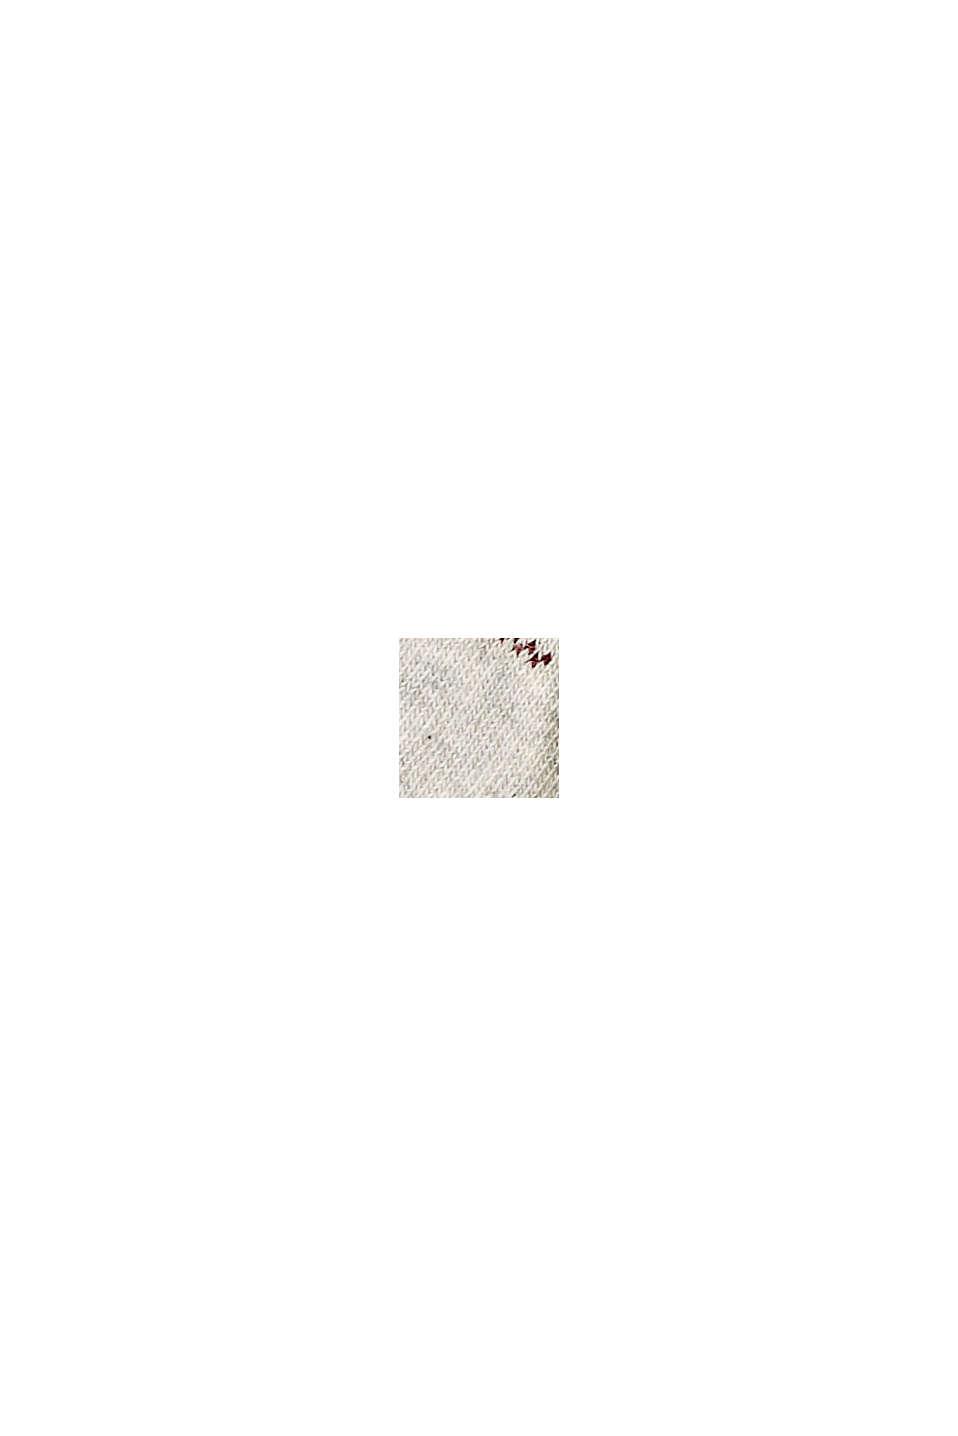 Calze in confezione doppia con motivo a quadri, misto cotone biologico, BEIGE/GREY, swatch